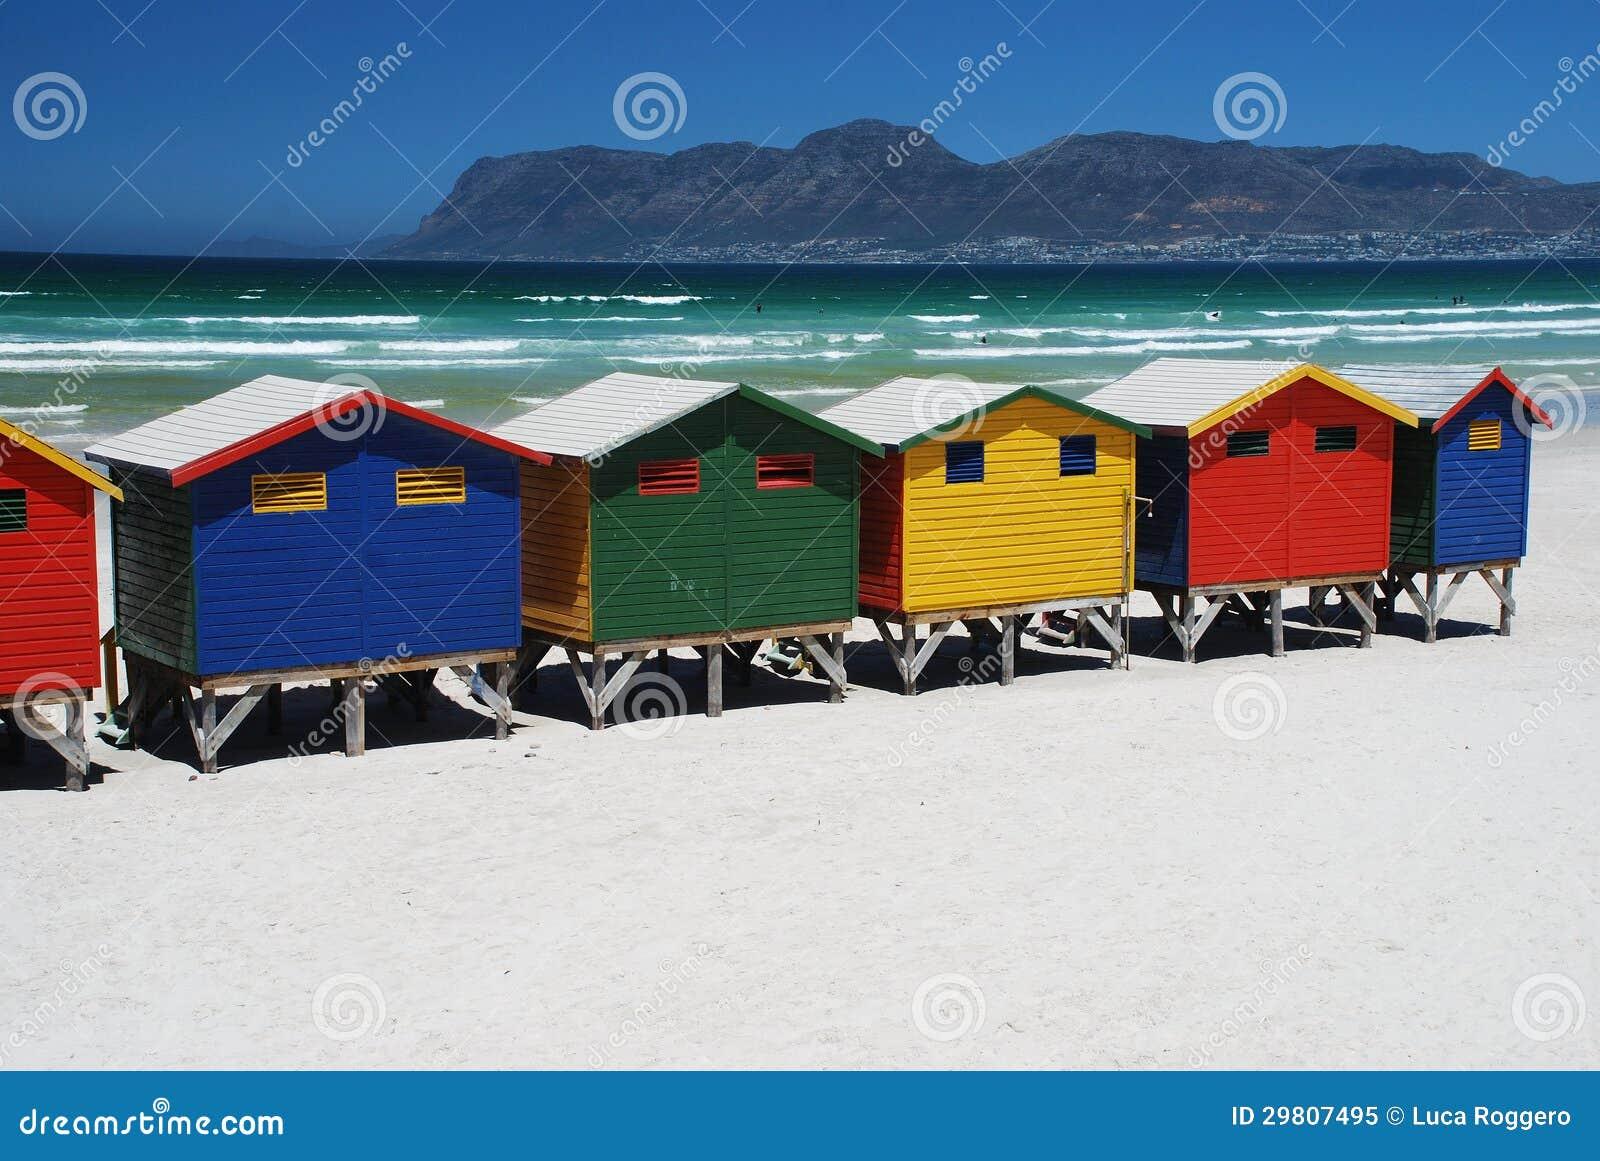 Хаты пляжа в Muizenberg, Южно-Африканская РеспублЍ